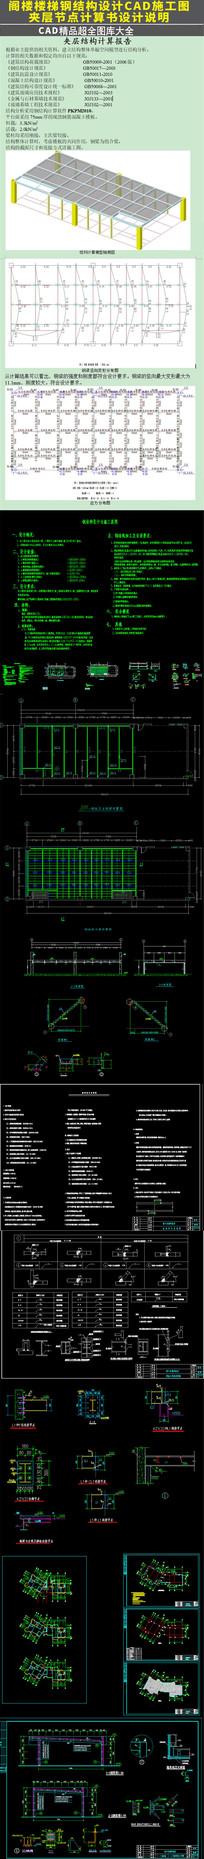 阁楼楼梯钢结构设计CAD施工图图